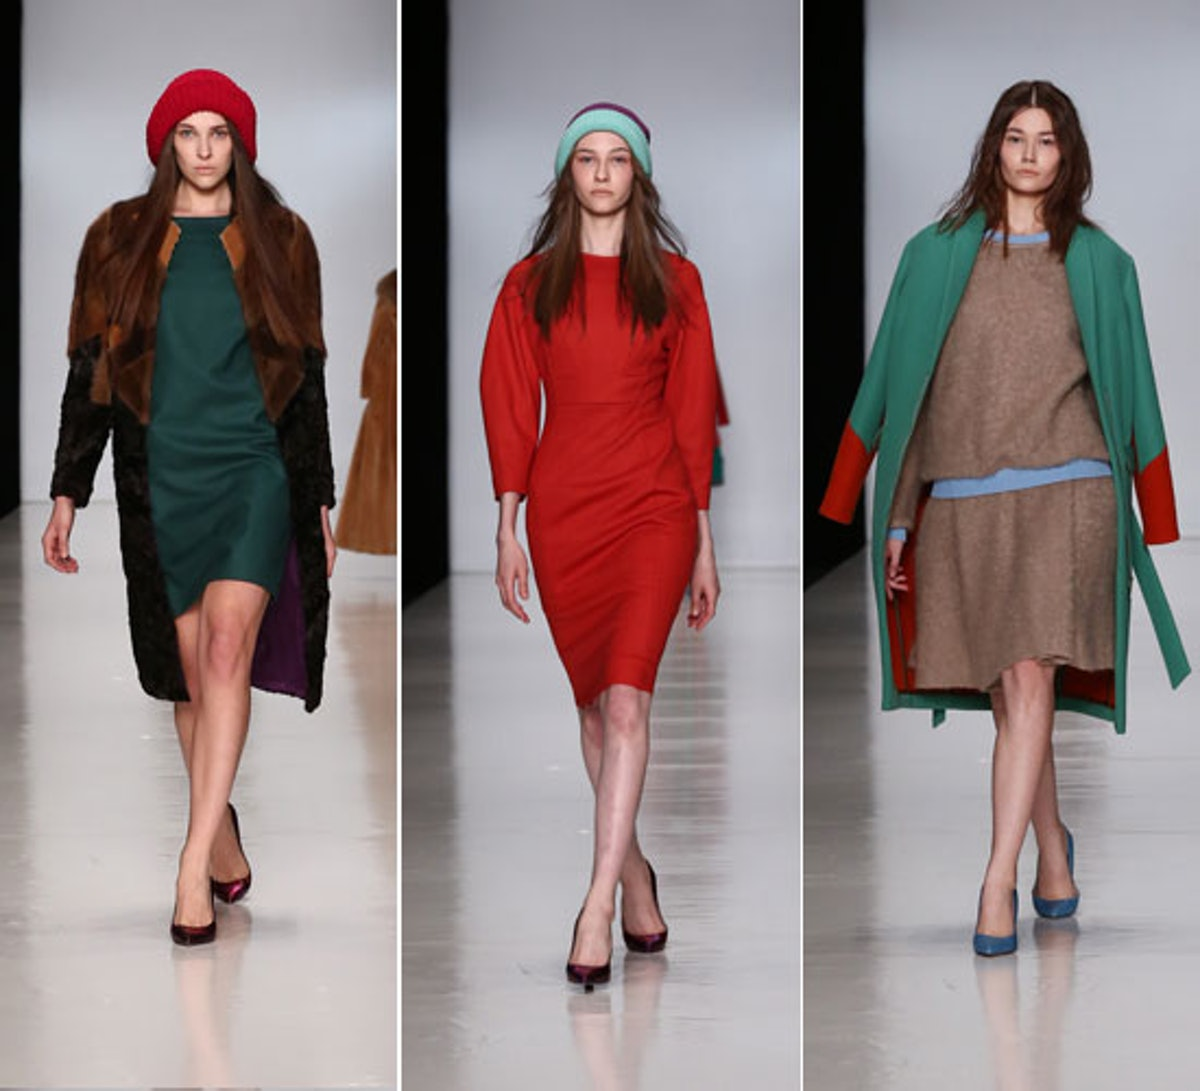 blog-russian-fashion-week-alena.jpg